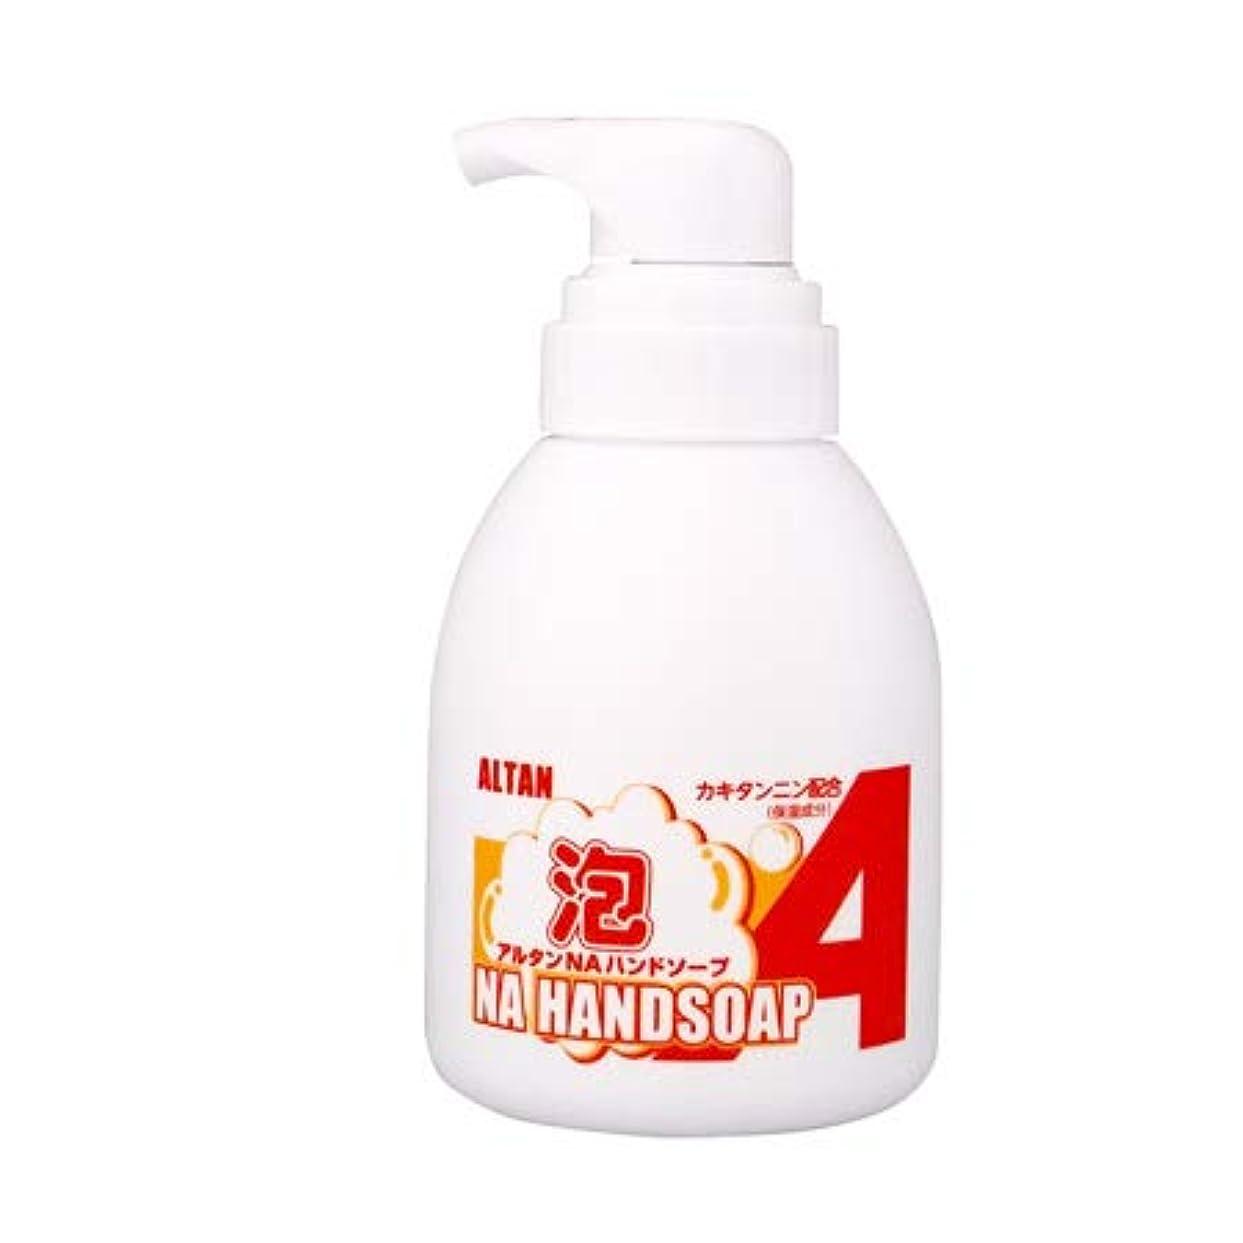 とても多くの許さないより多いアルタンNAハンドソープ 泡タイプ 500ml ボトル 1ケース (20本入)